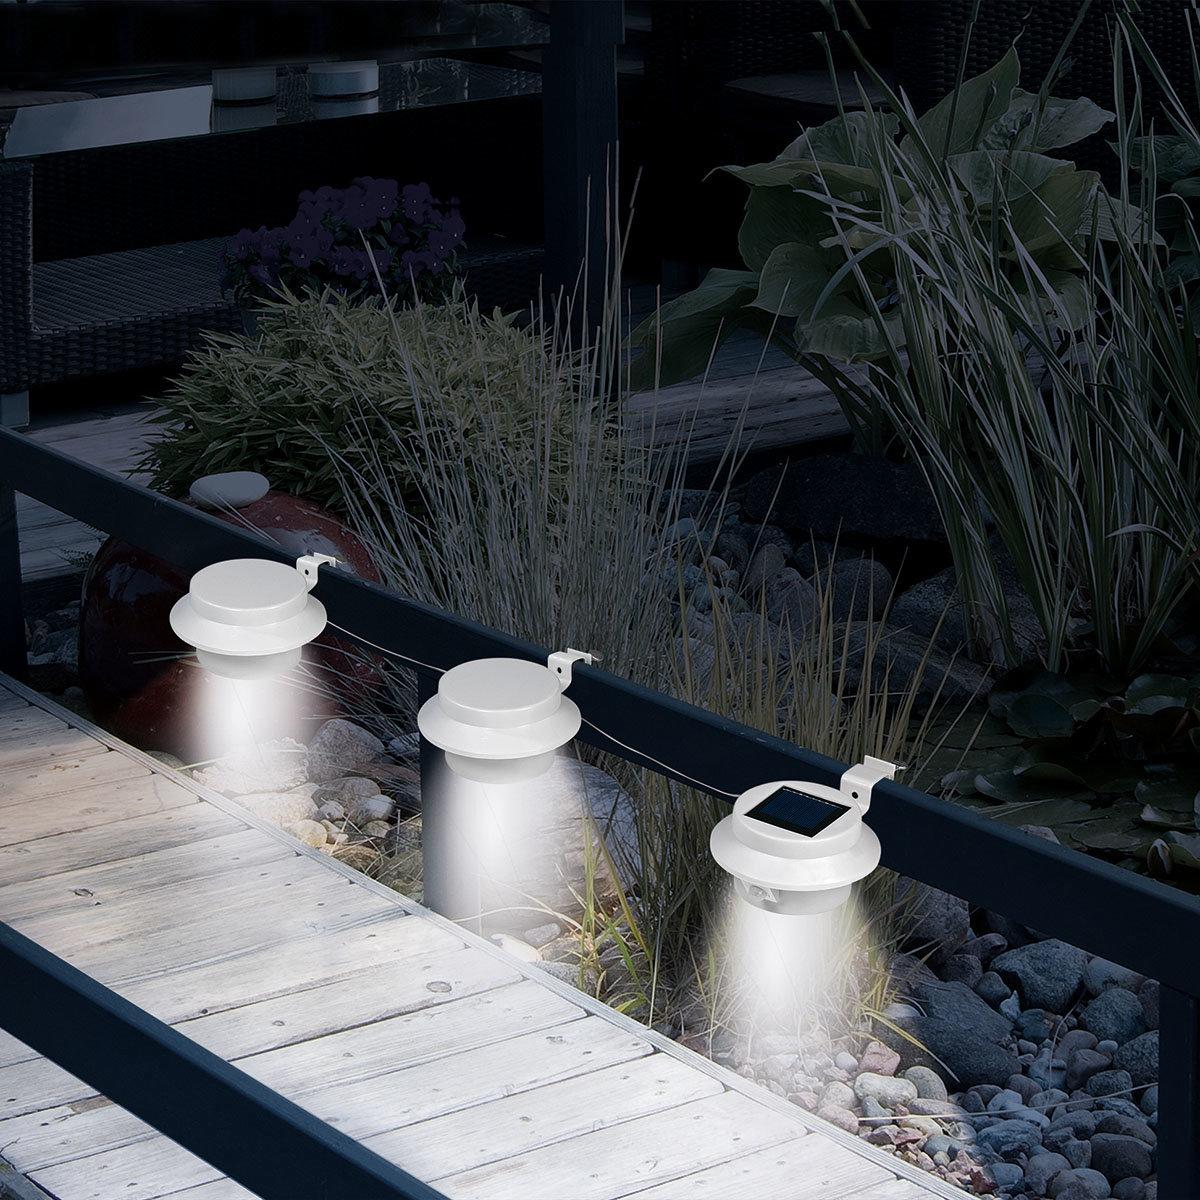 dachrinnen leuchten mit bewegungsmelder von g rtner p tschke. Black Bedroom Furniture Sets. Home Design Ideas